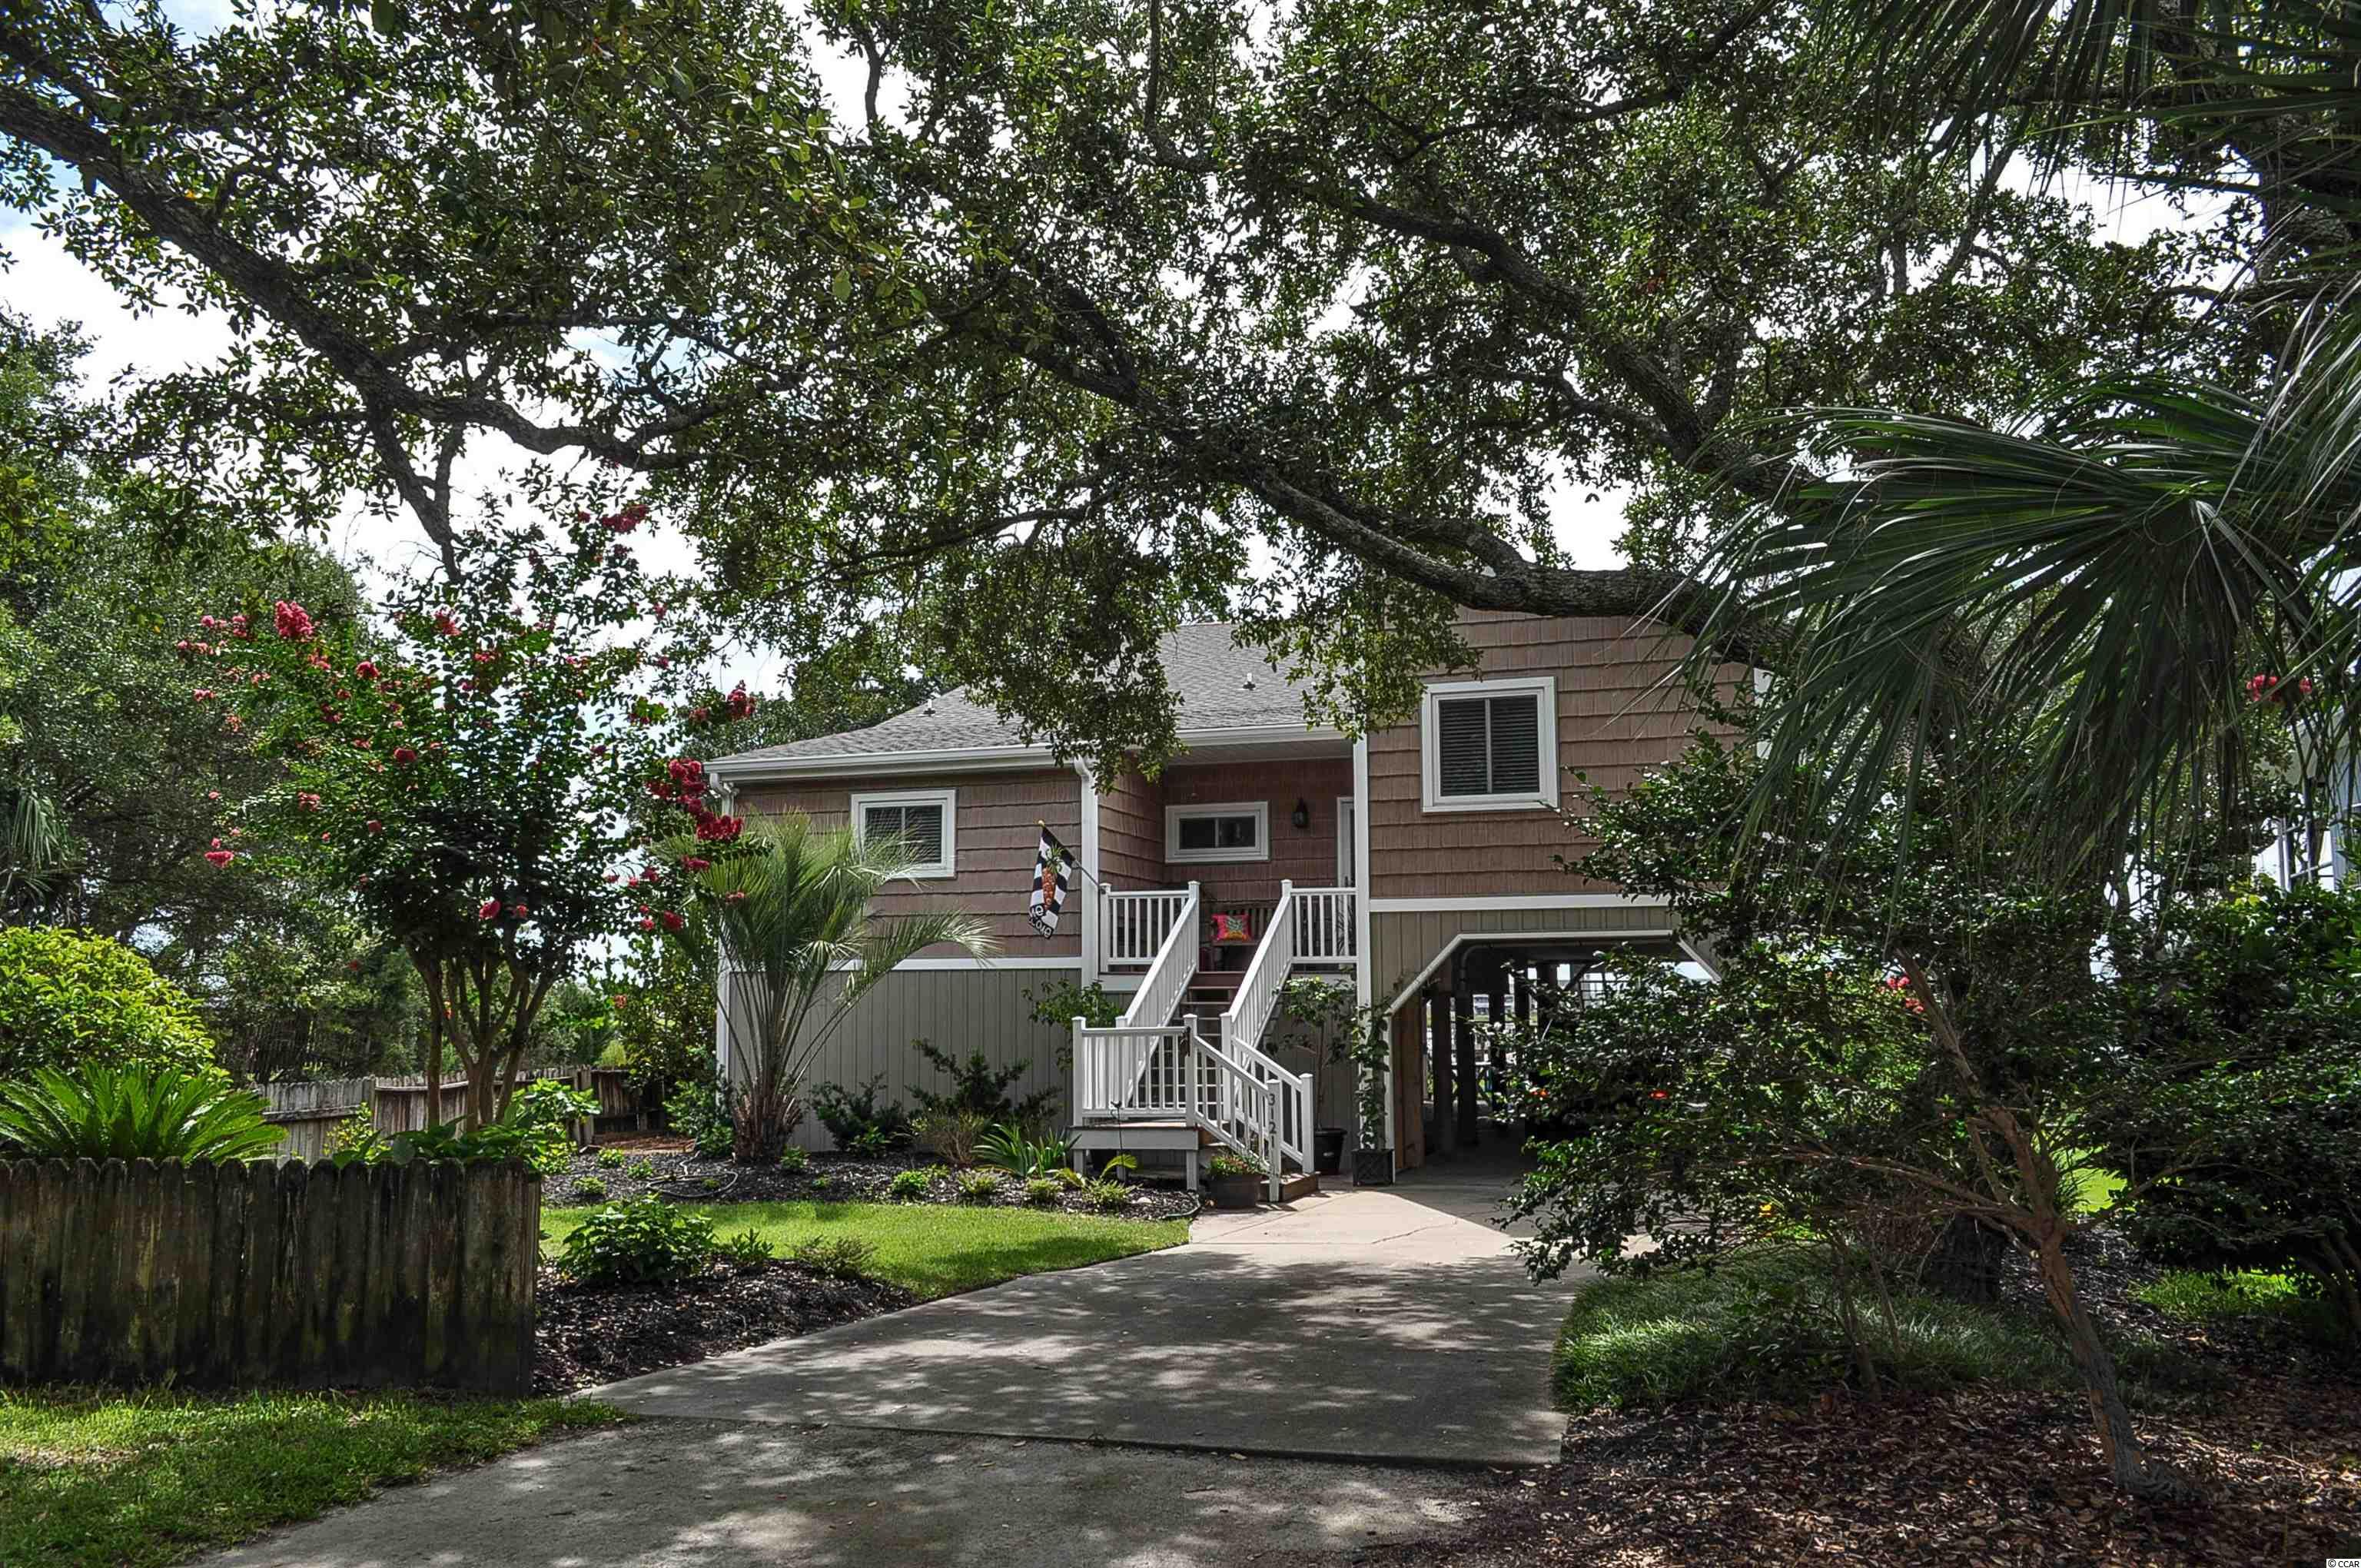 3121 1st Ave. S Property Photo 1